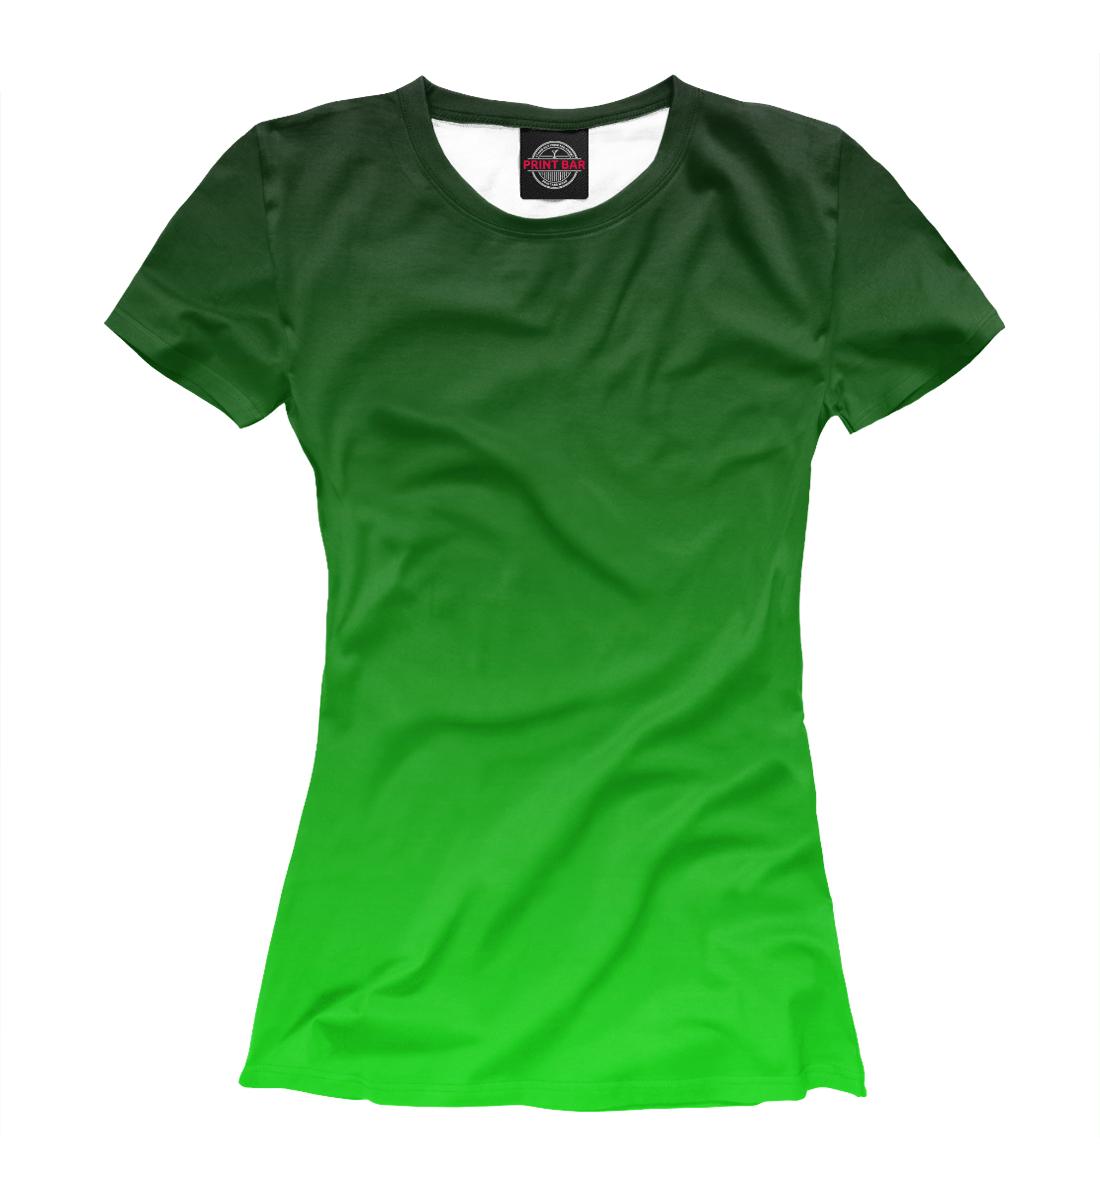 Градиент Зеленый в Черный, Printbar, Футболки, CLR-327769-fut-1  - купить со скидкой